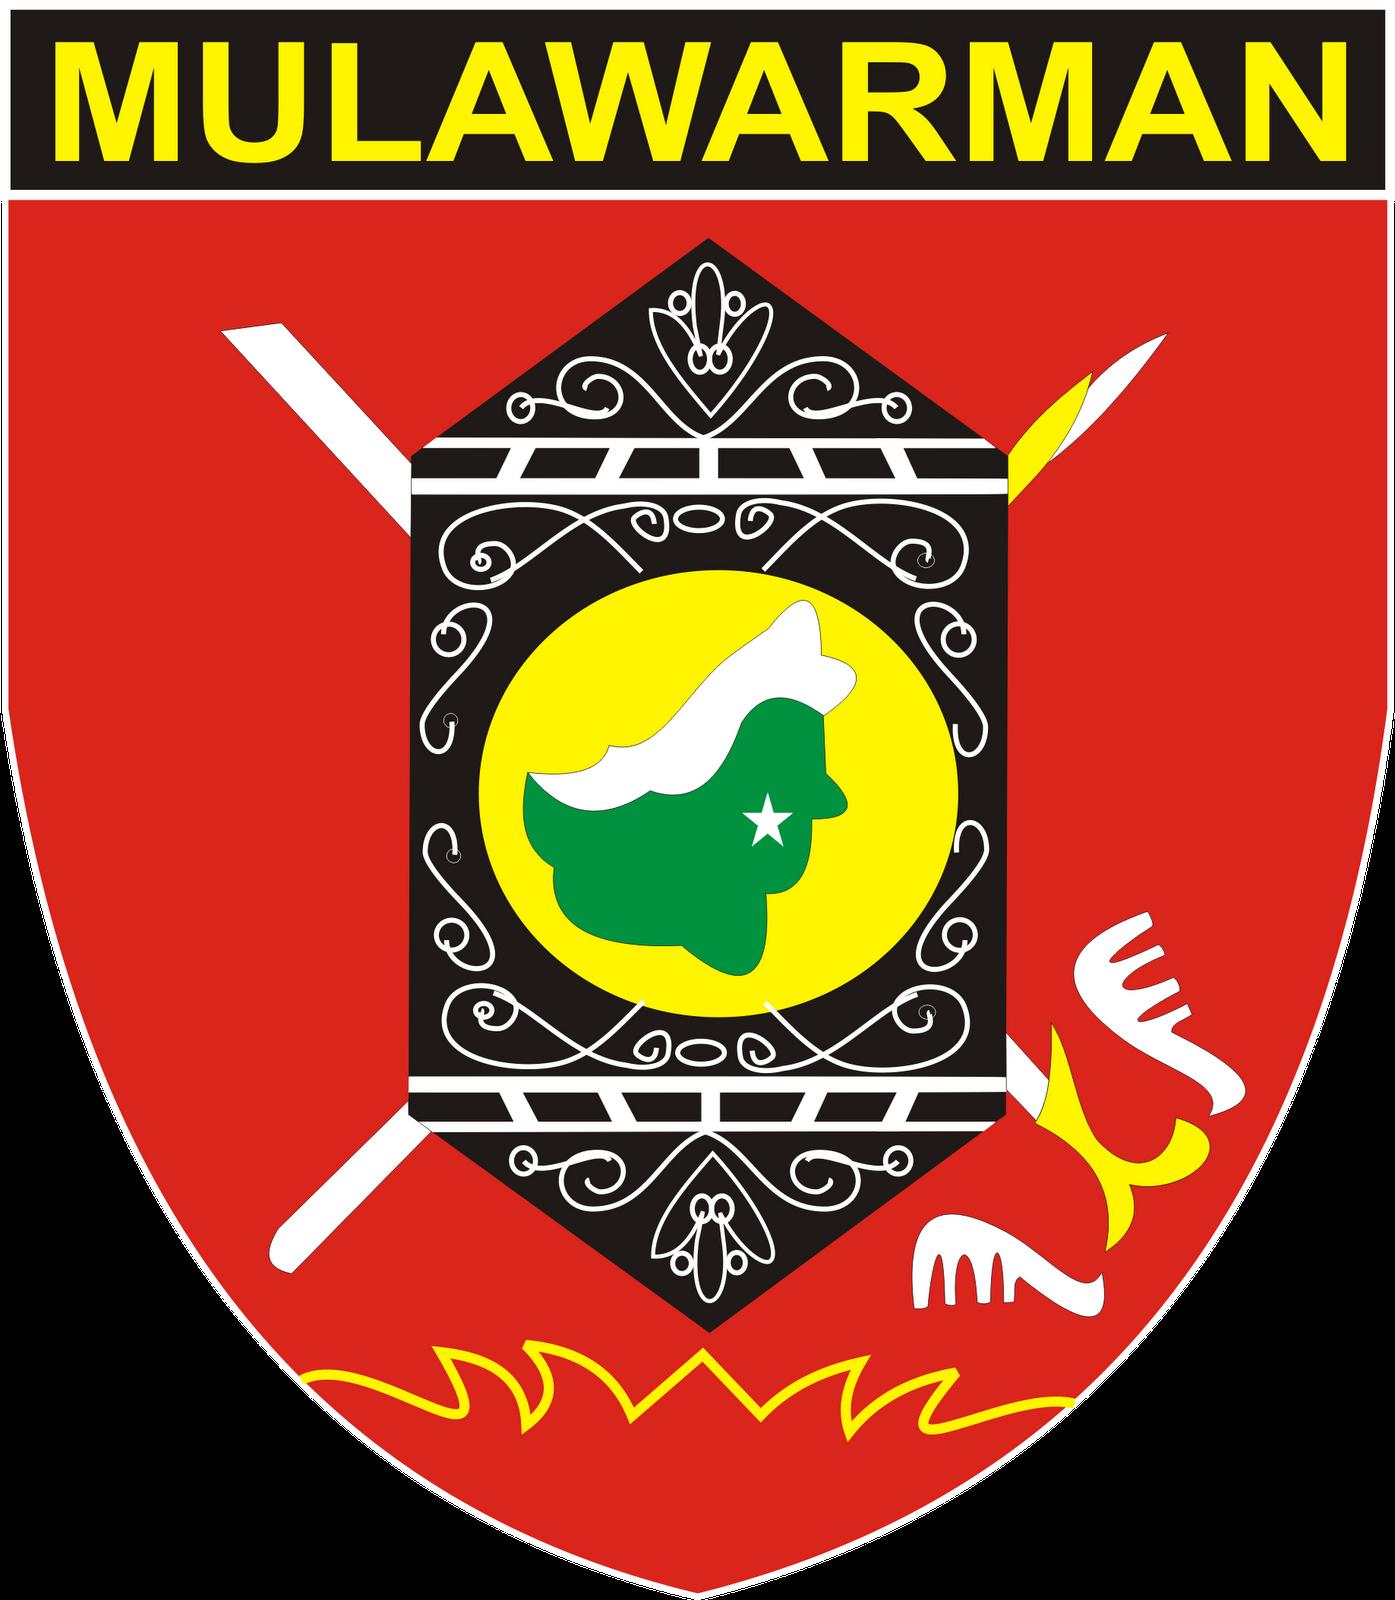 logo kodam mulawarman brawijaya dan kodam tanjung pura